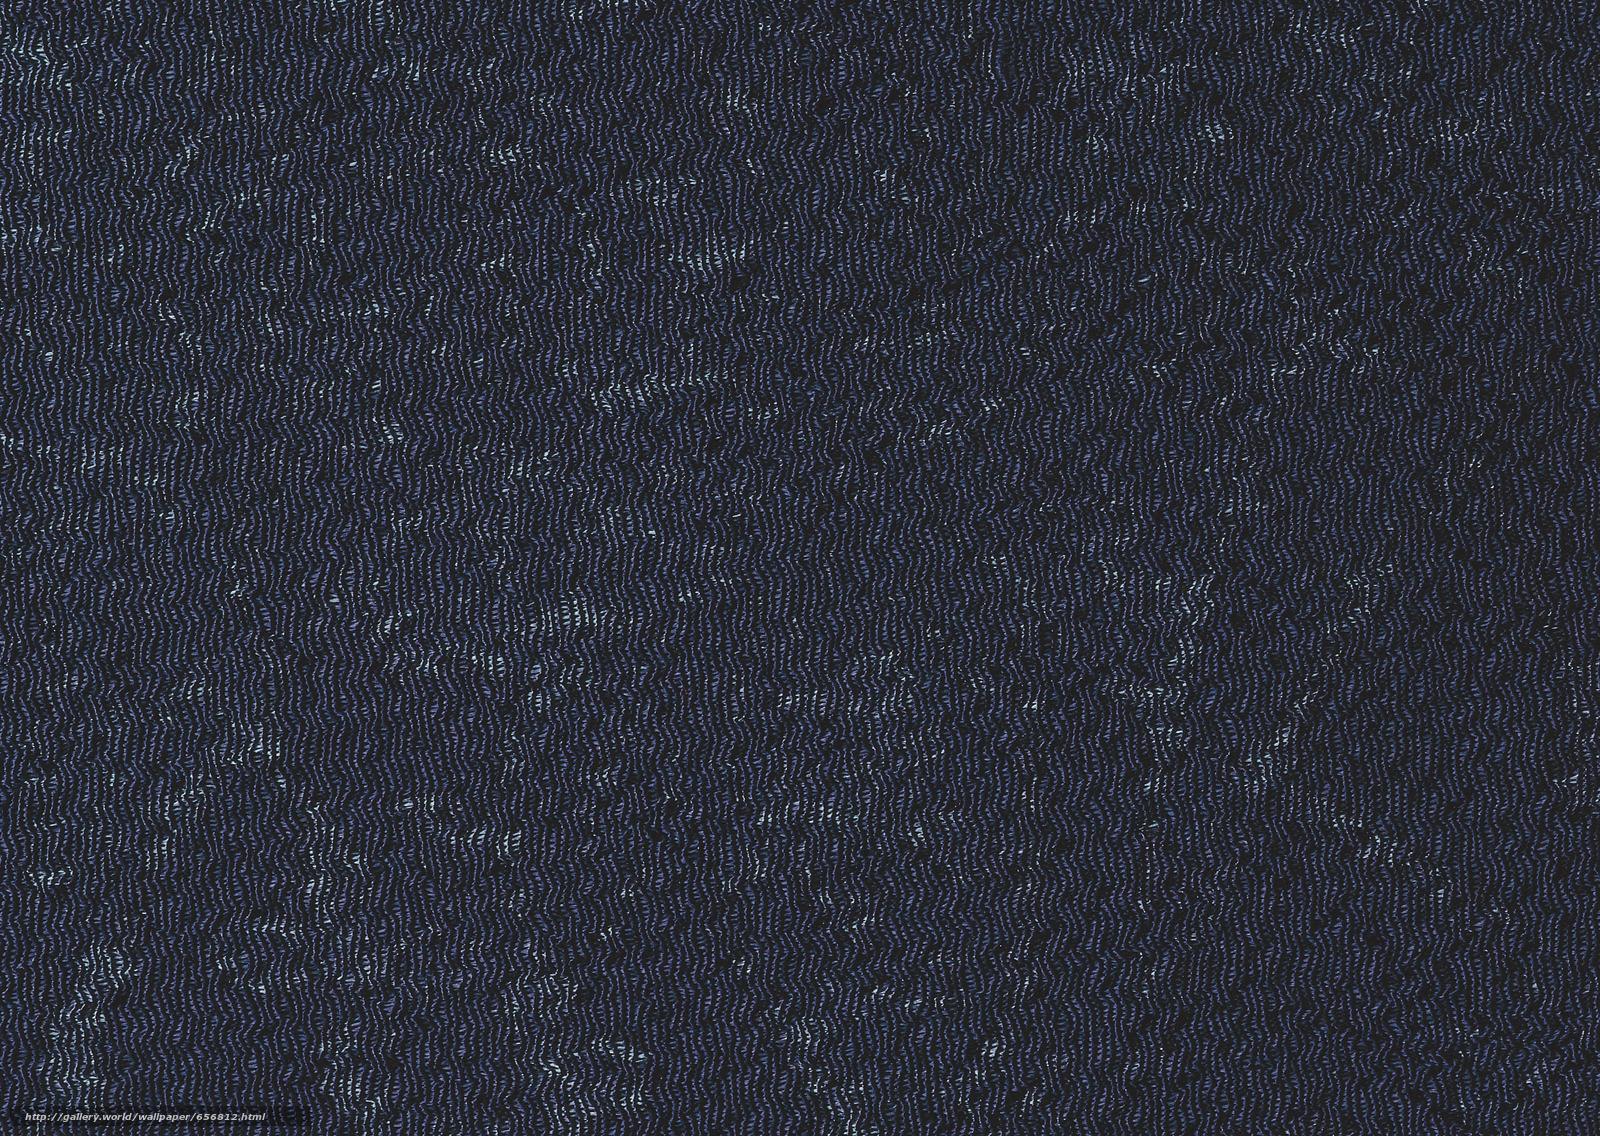 Tlcharger Fond d'ecran TEXTURE,  Texture,  fond,  milieux Fonds d'ecran gratuits pour votre rsolution du bureau 2950x2094 — image №656812